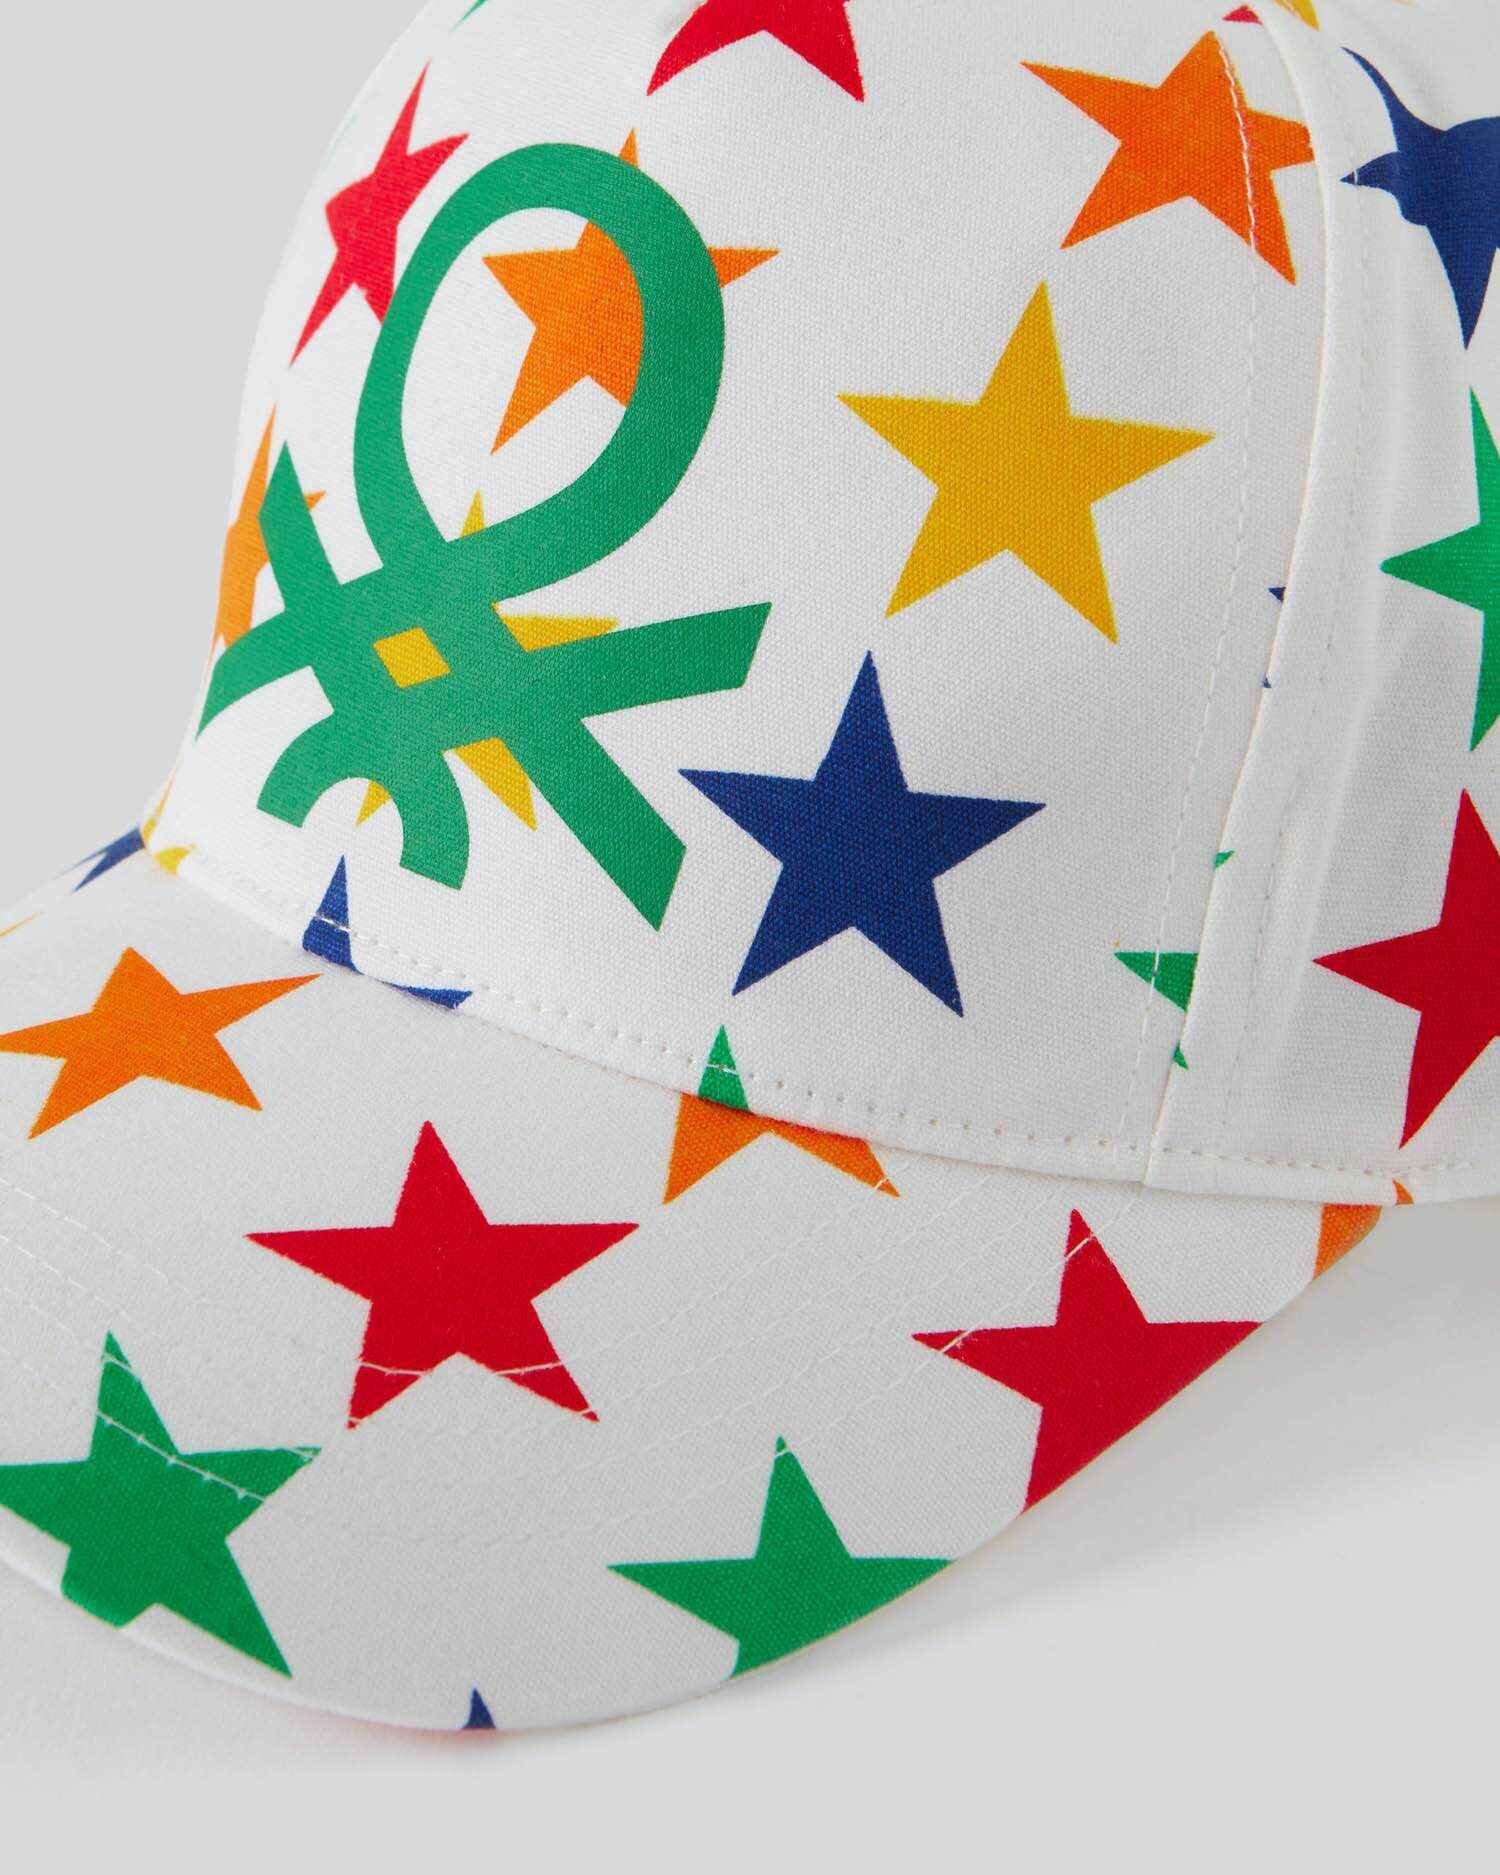 Benetton Yazılı Logolu Kep